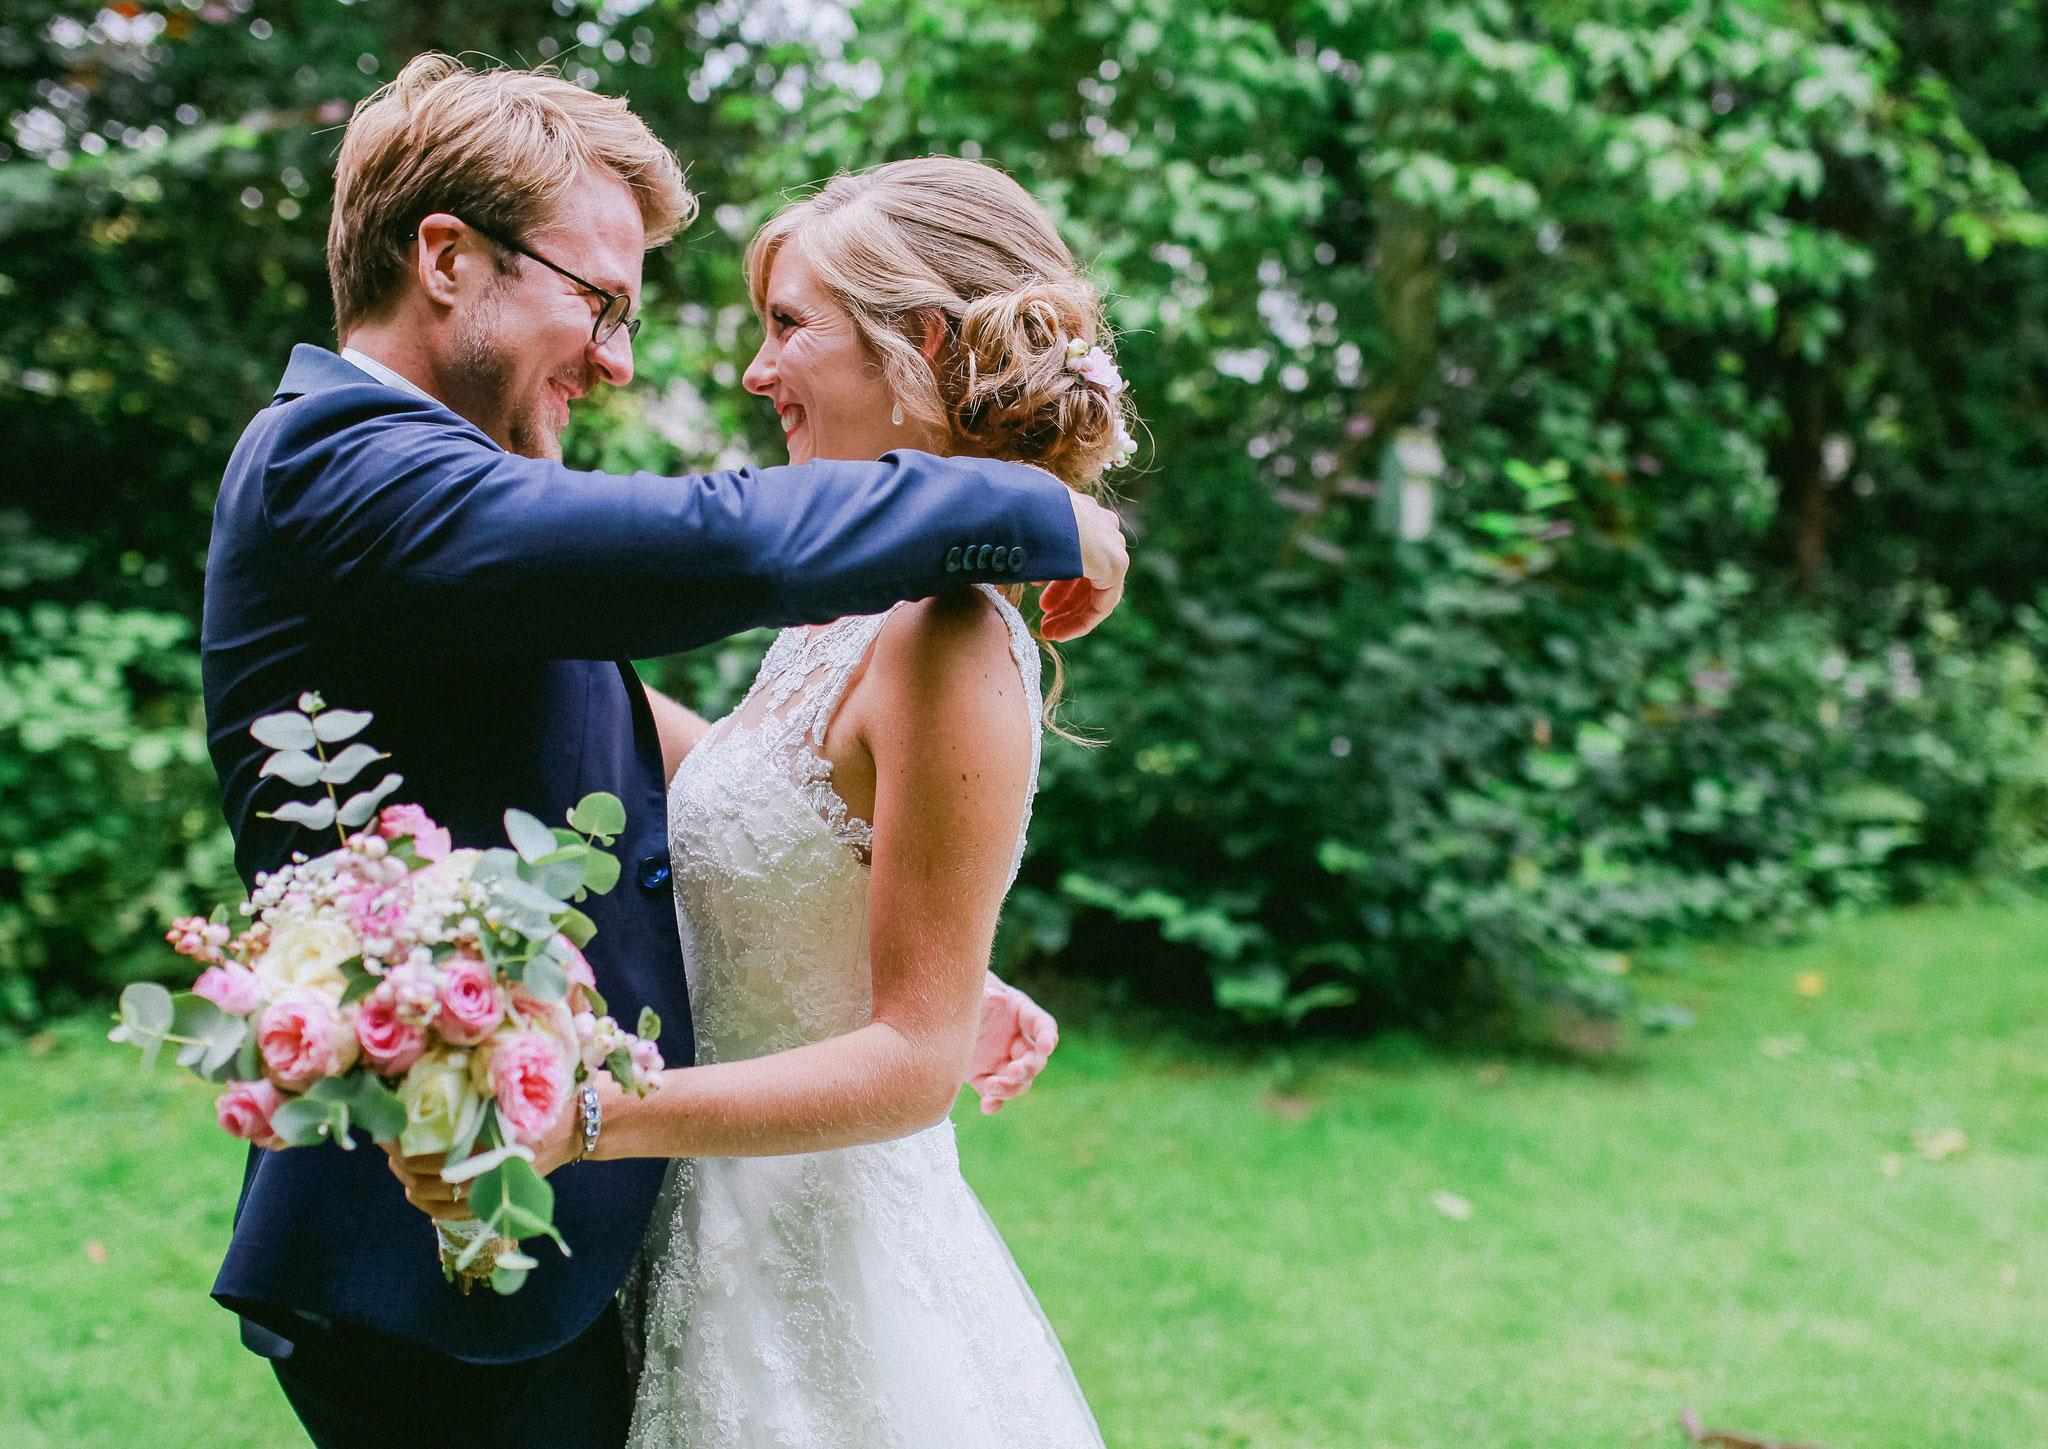 First look  | Hochzeitsfotograf Rebecca Adloff | Ruhrgebiet, Essen, Münster, NRW, Düsseldorf, Köln, Bochum | Hochzeitsreportage | Hochzeitsfotos